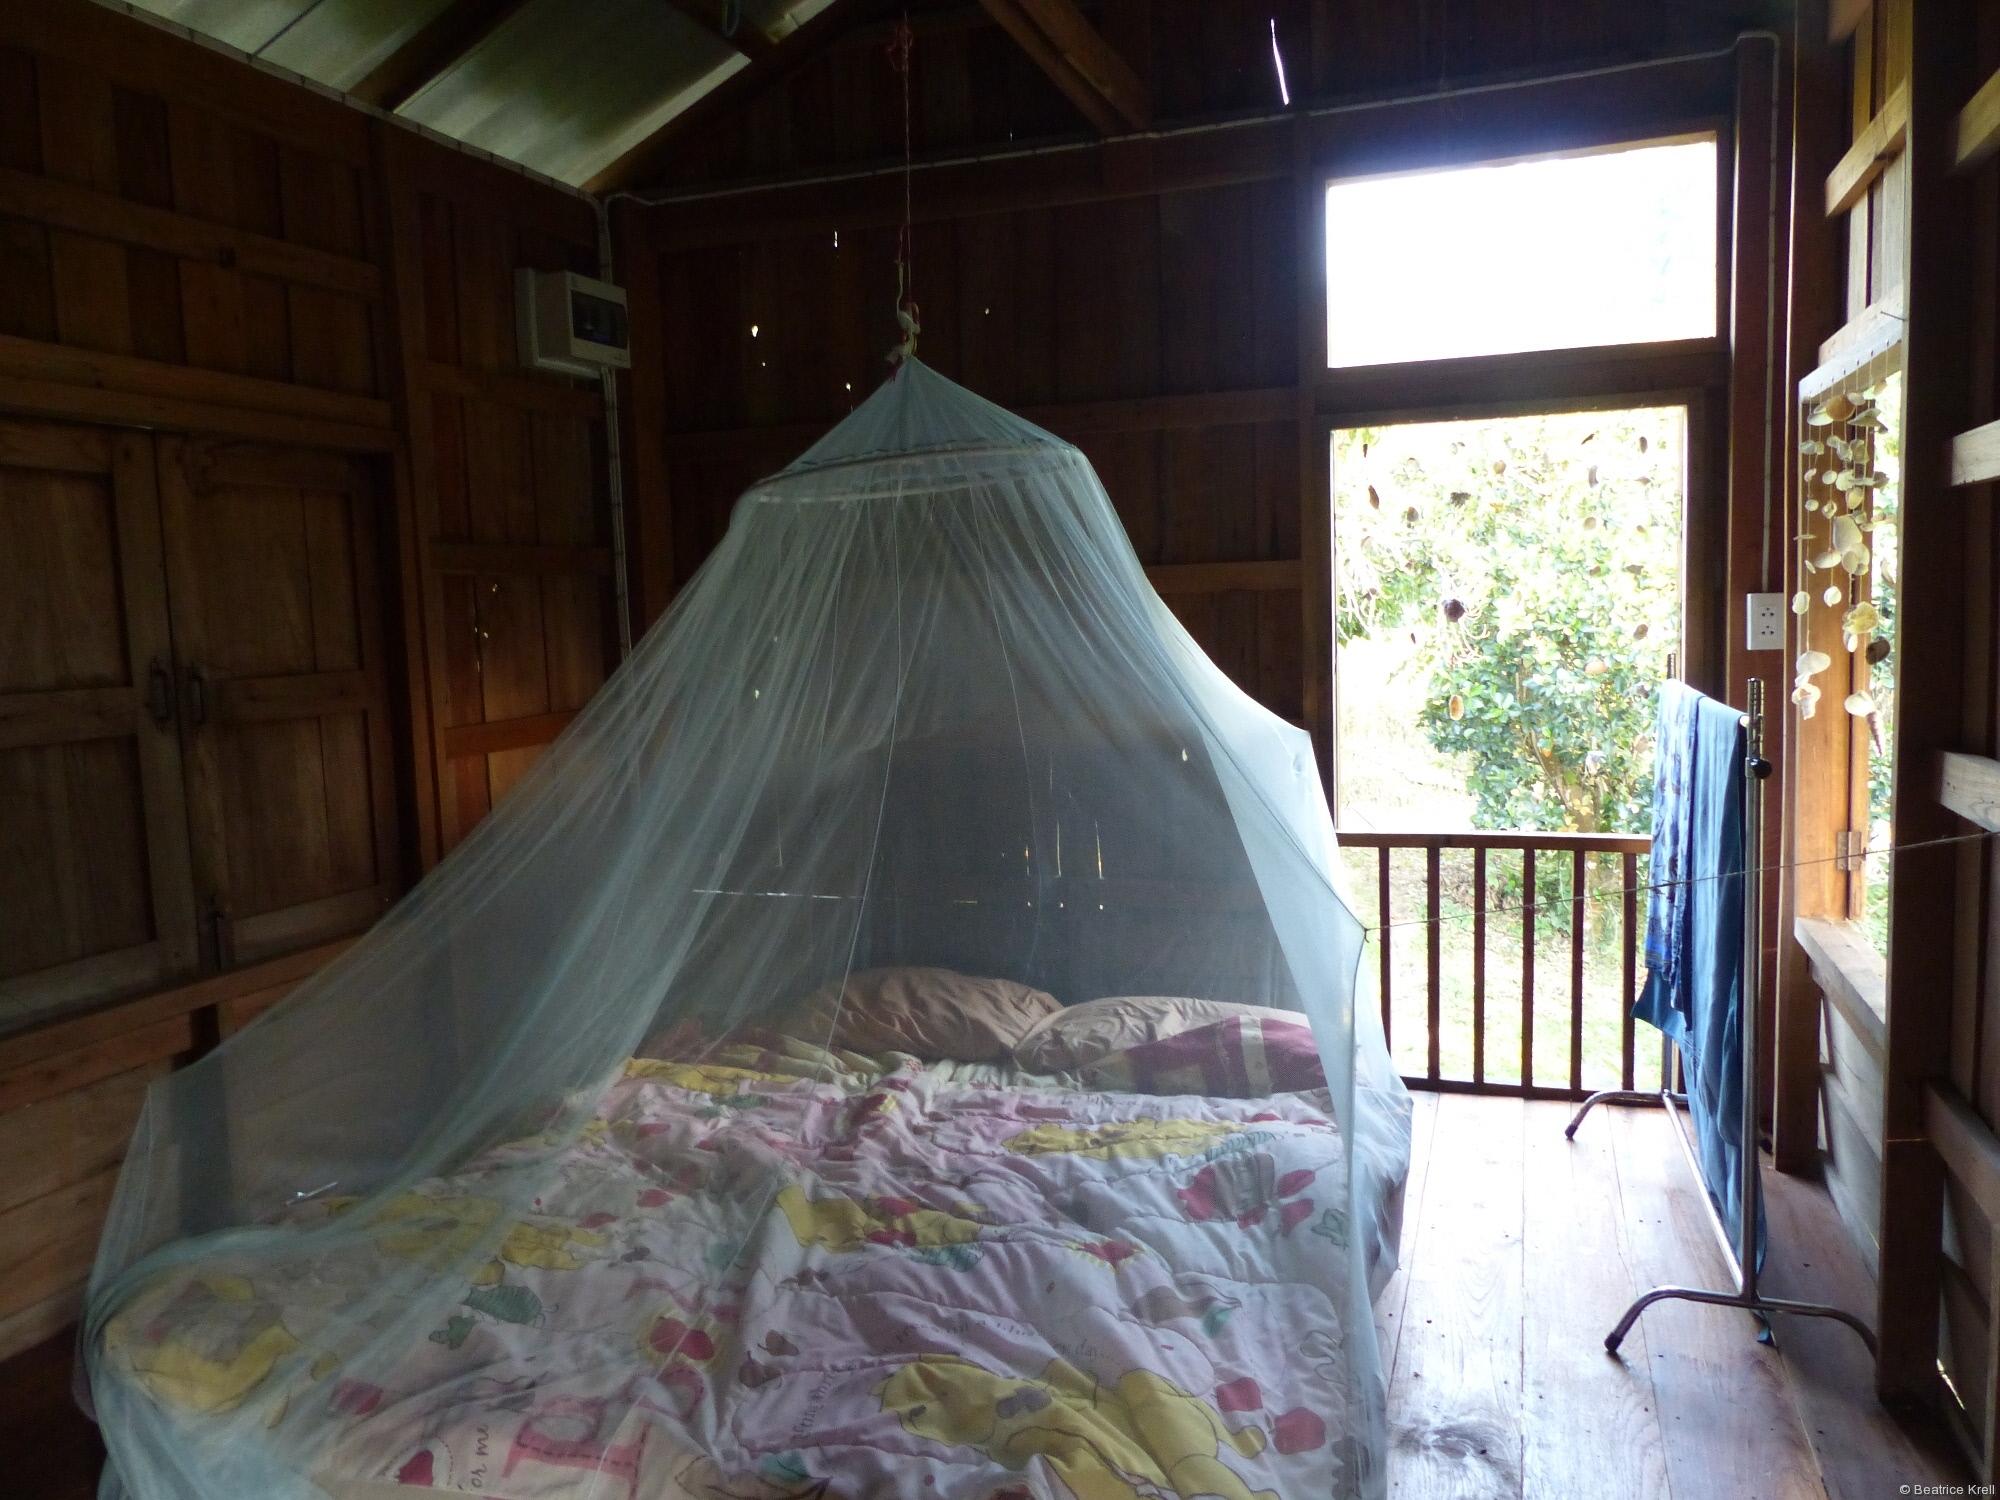 Schlafzimmer mit Bett und Muschelvorhang